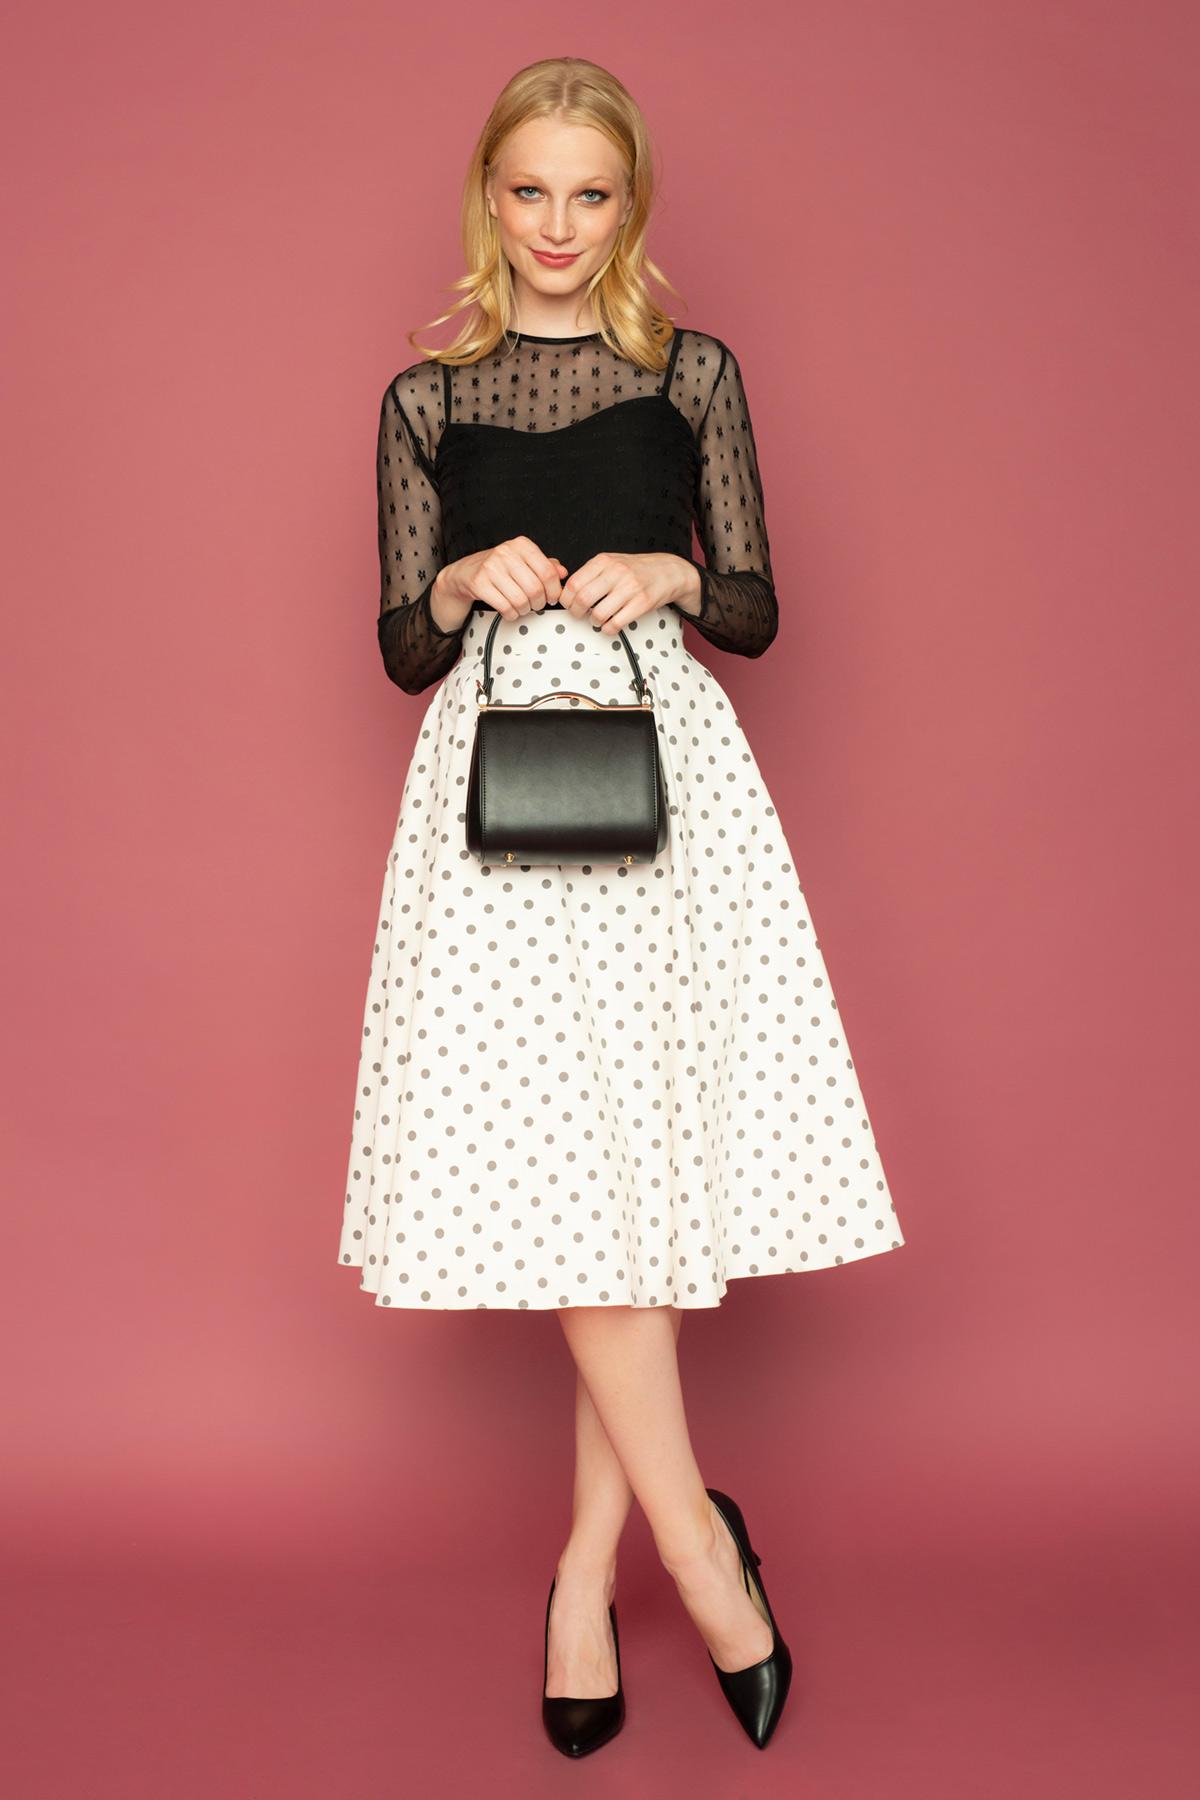 Ψηλόμεση κλος φούστα, μέχρι το γόνατο, με γκρι πουά print και τσέπες για να δημιουργήσετε ένα ρετρό look για όλες τις ώρες!